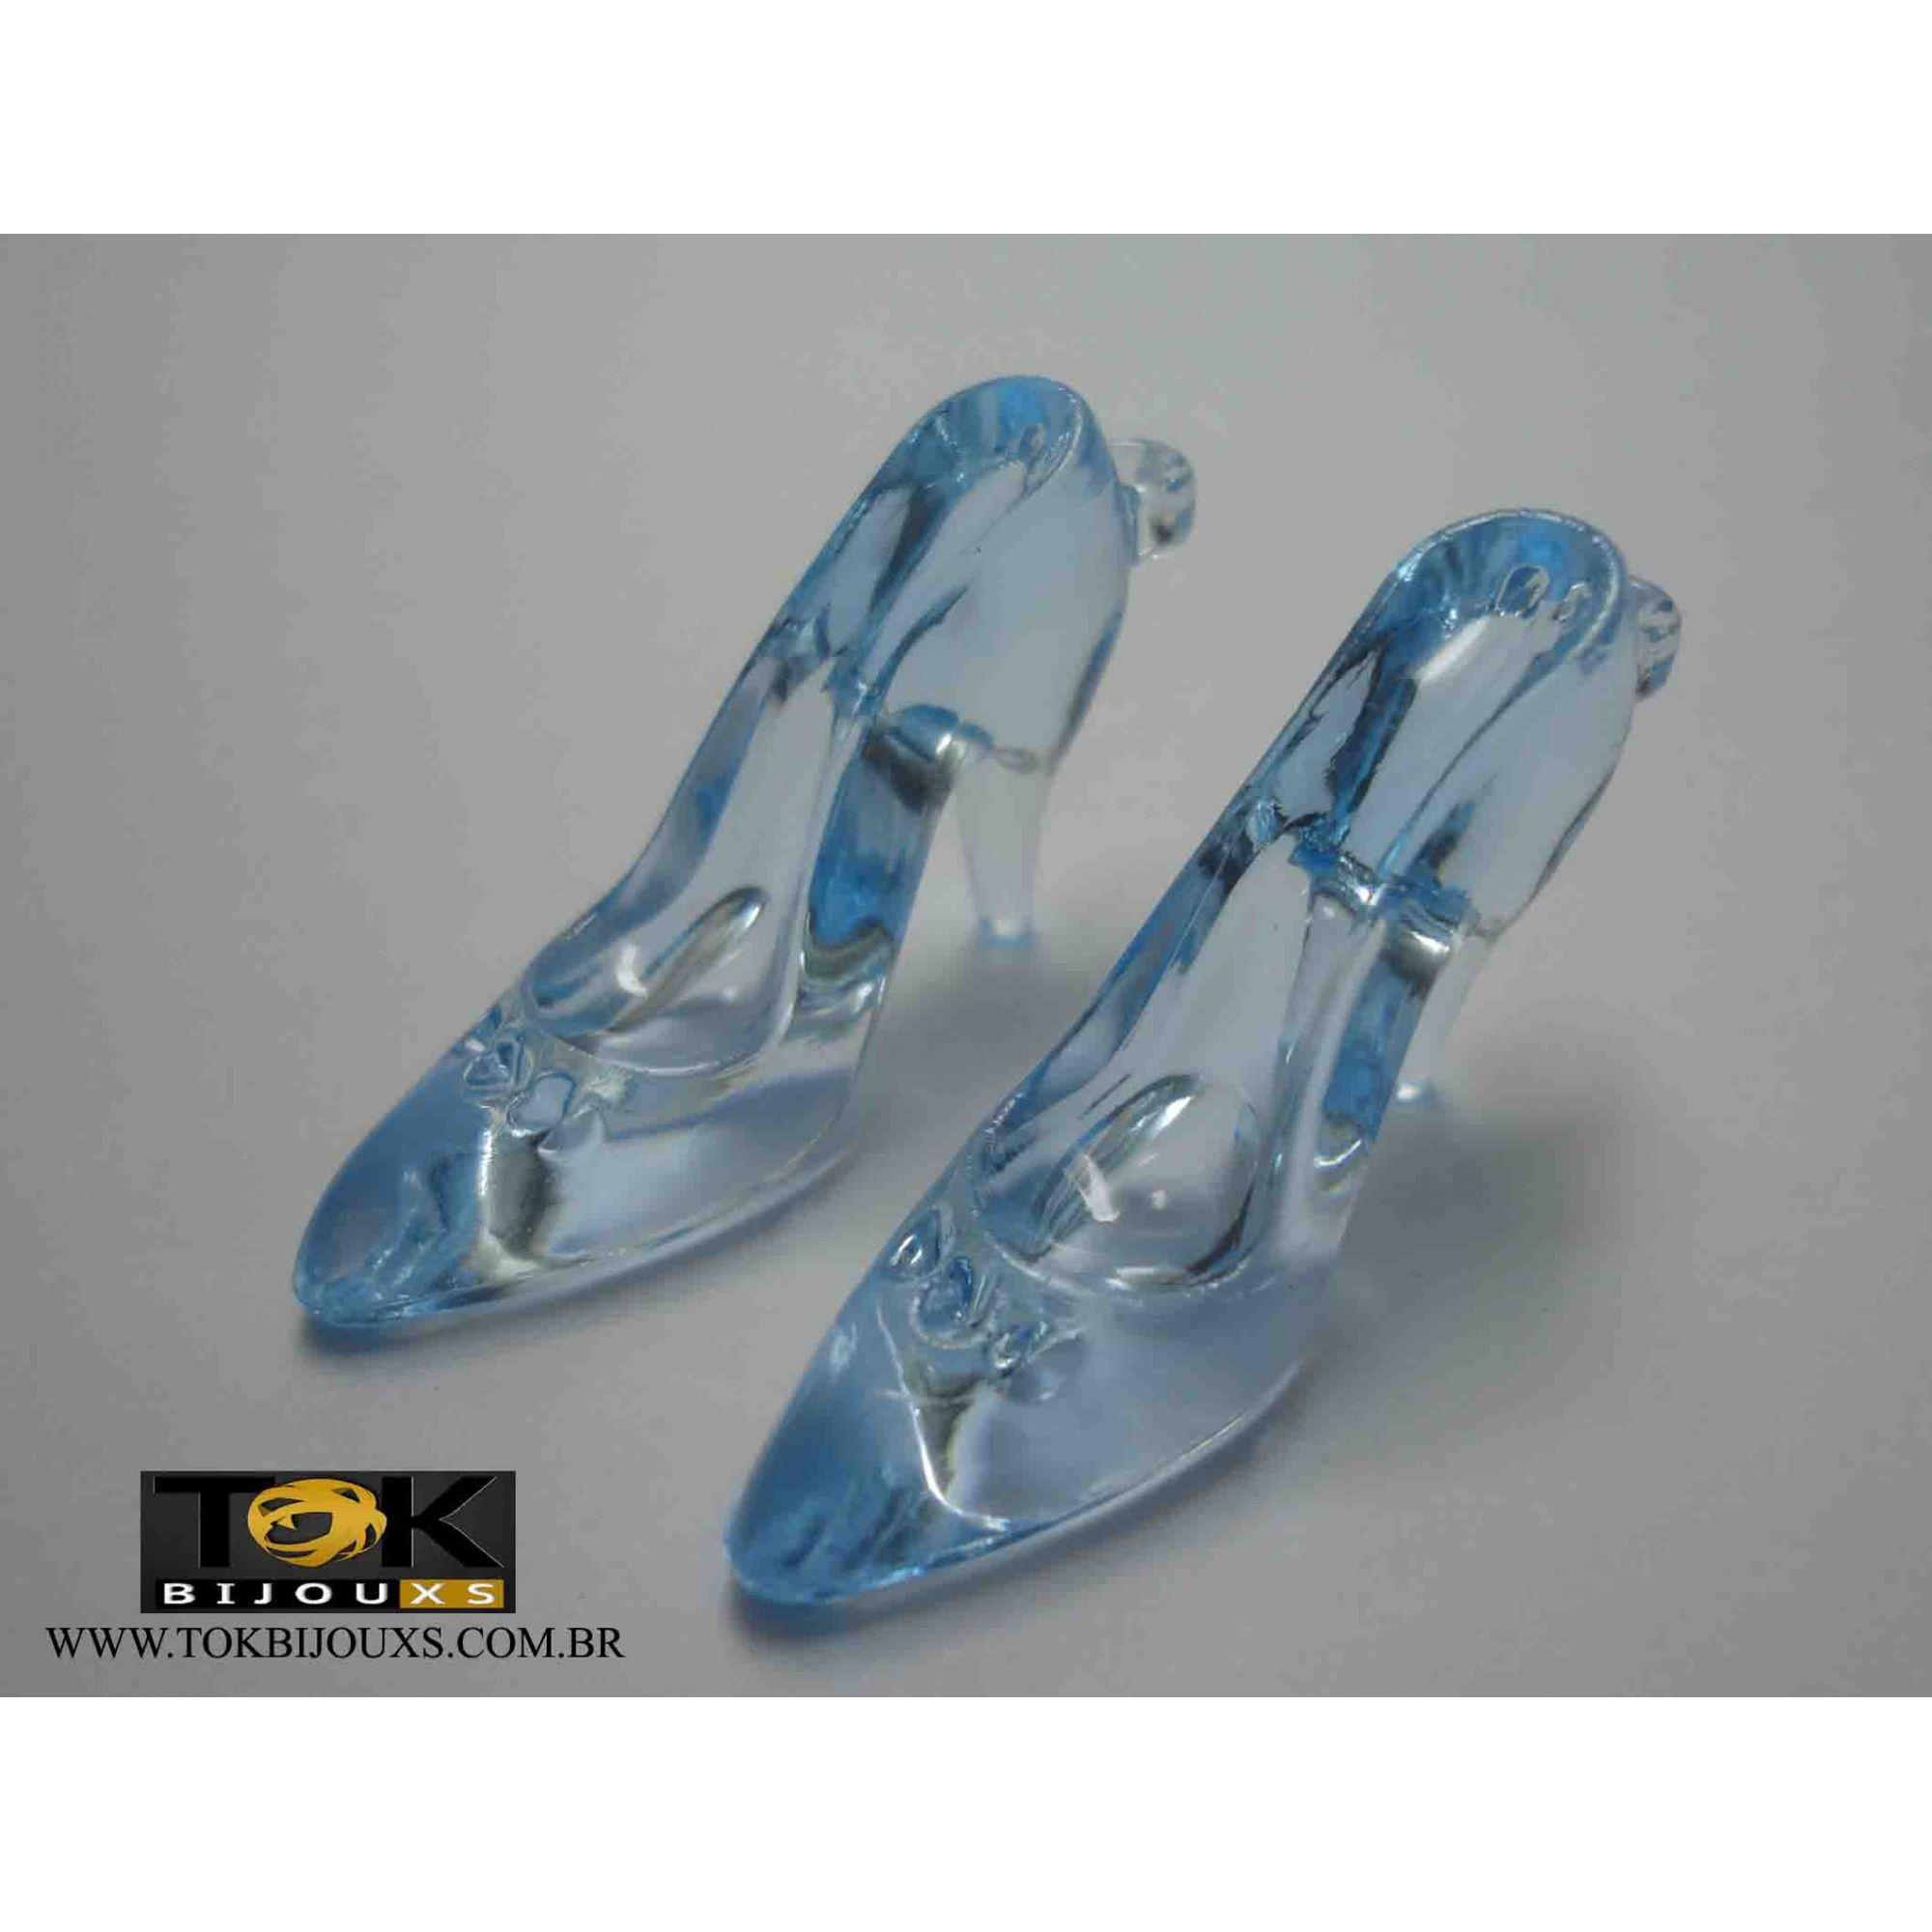 Sapato Acrilico Pequeno - Azul Bebe - Unidade